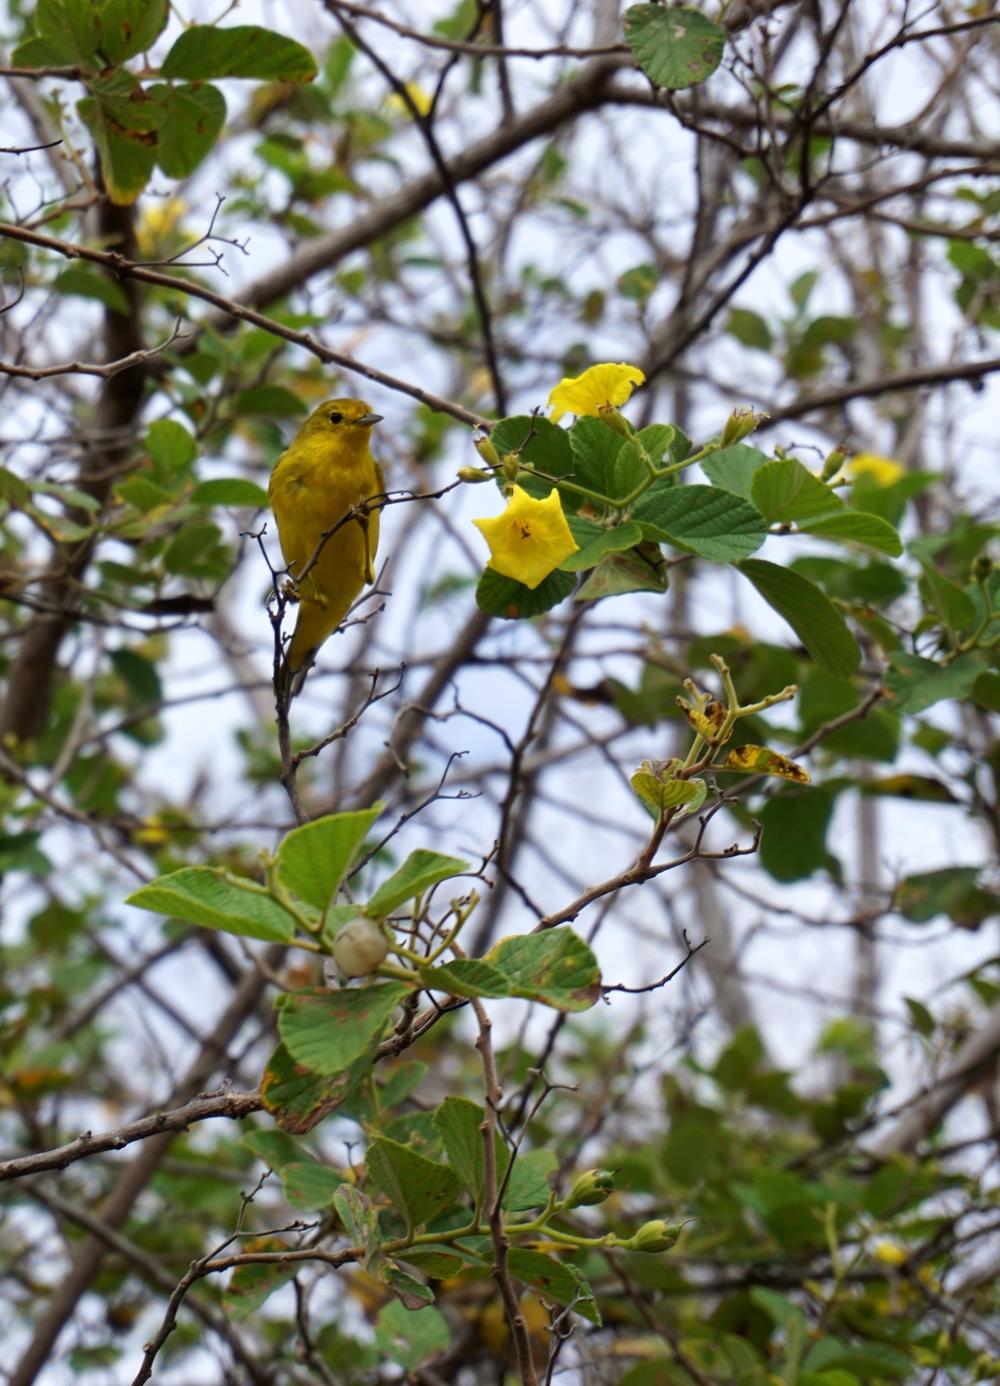 Golden Warbler (Setophaga petechia)